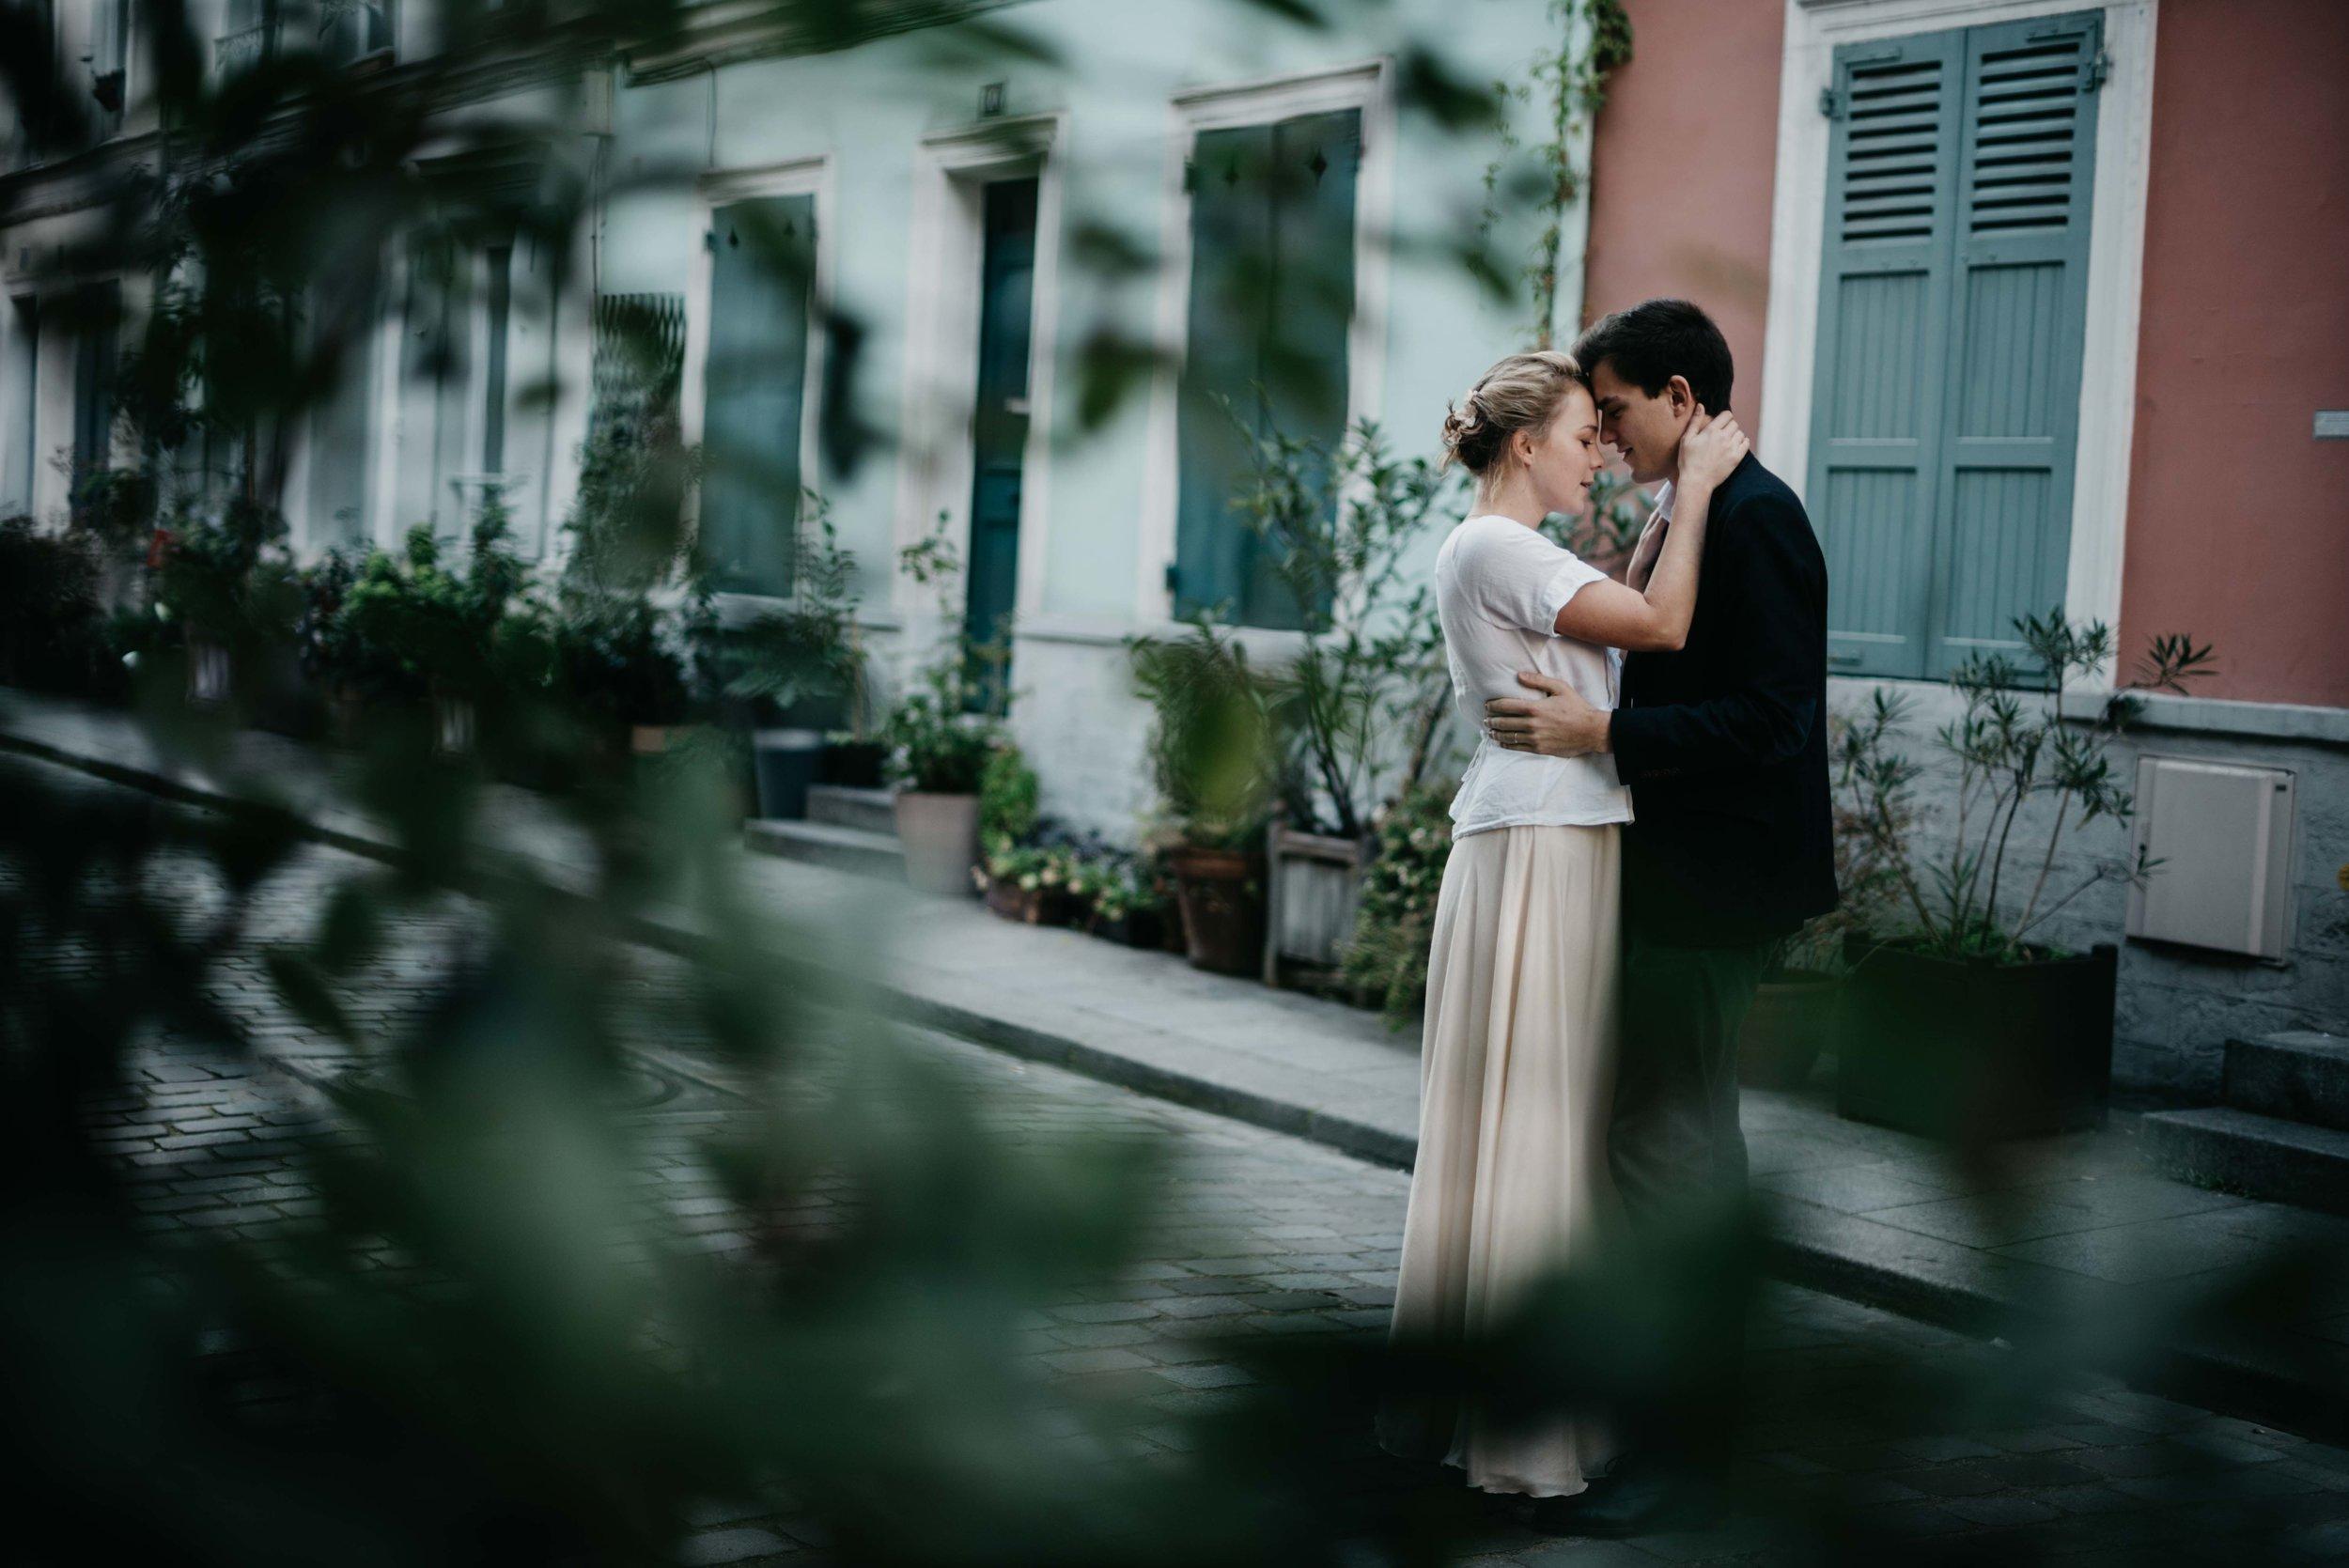 Léa-Fery-photographe-professionnel-lyon-rhone-alpes-portrait-creation-mariage-evenement-evenementiel-famille-2909 - Copie.jpg